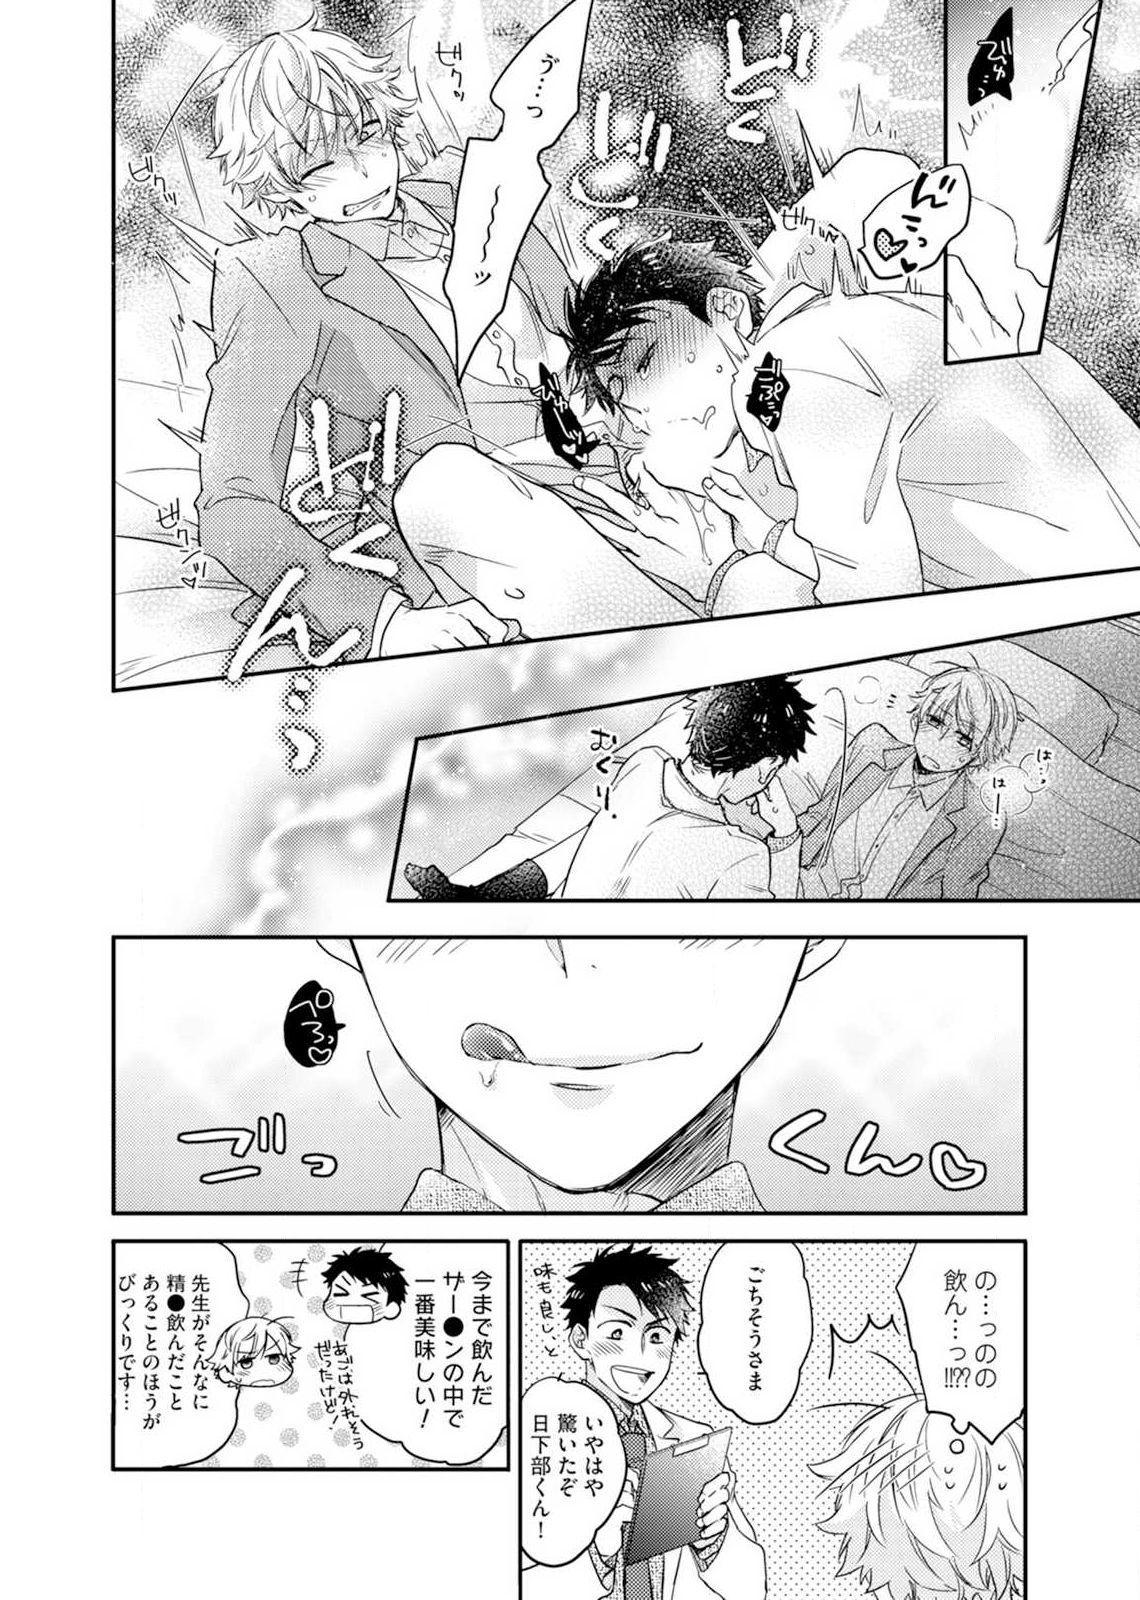 Kimi wa Kokan no Mochigusare Ch.1 22